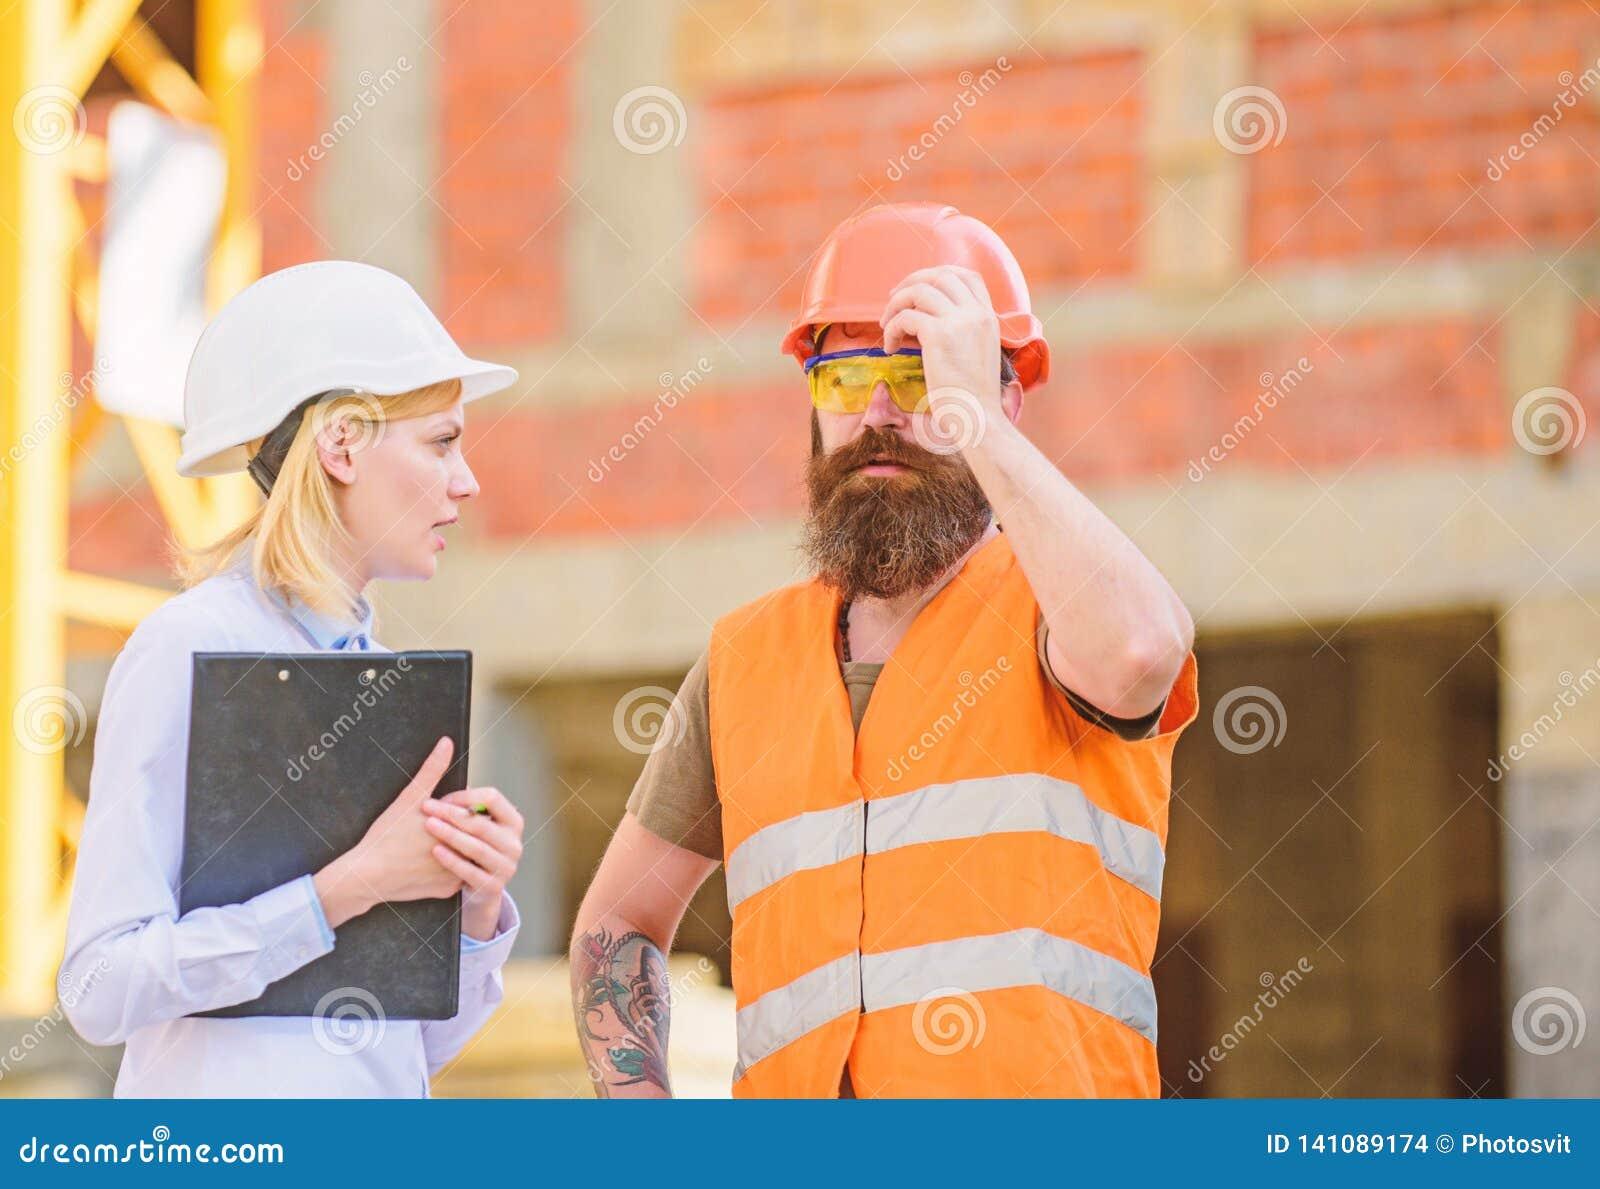 Budowy inspekcja, korekcje i grzywny, Zbawczy inspektorski pojęcie Dyskutuje postępu projekt Inspektor i